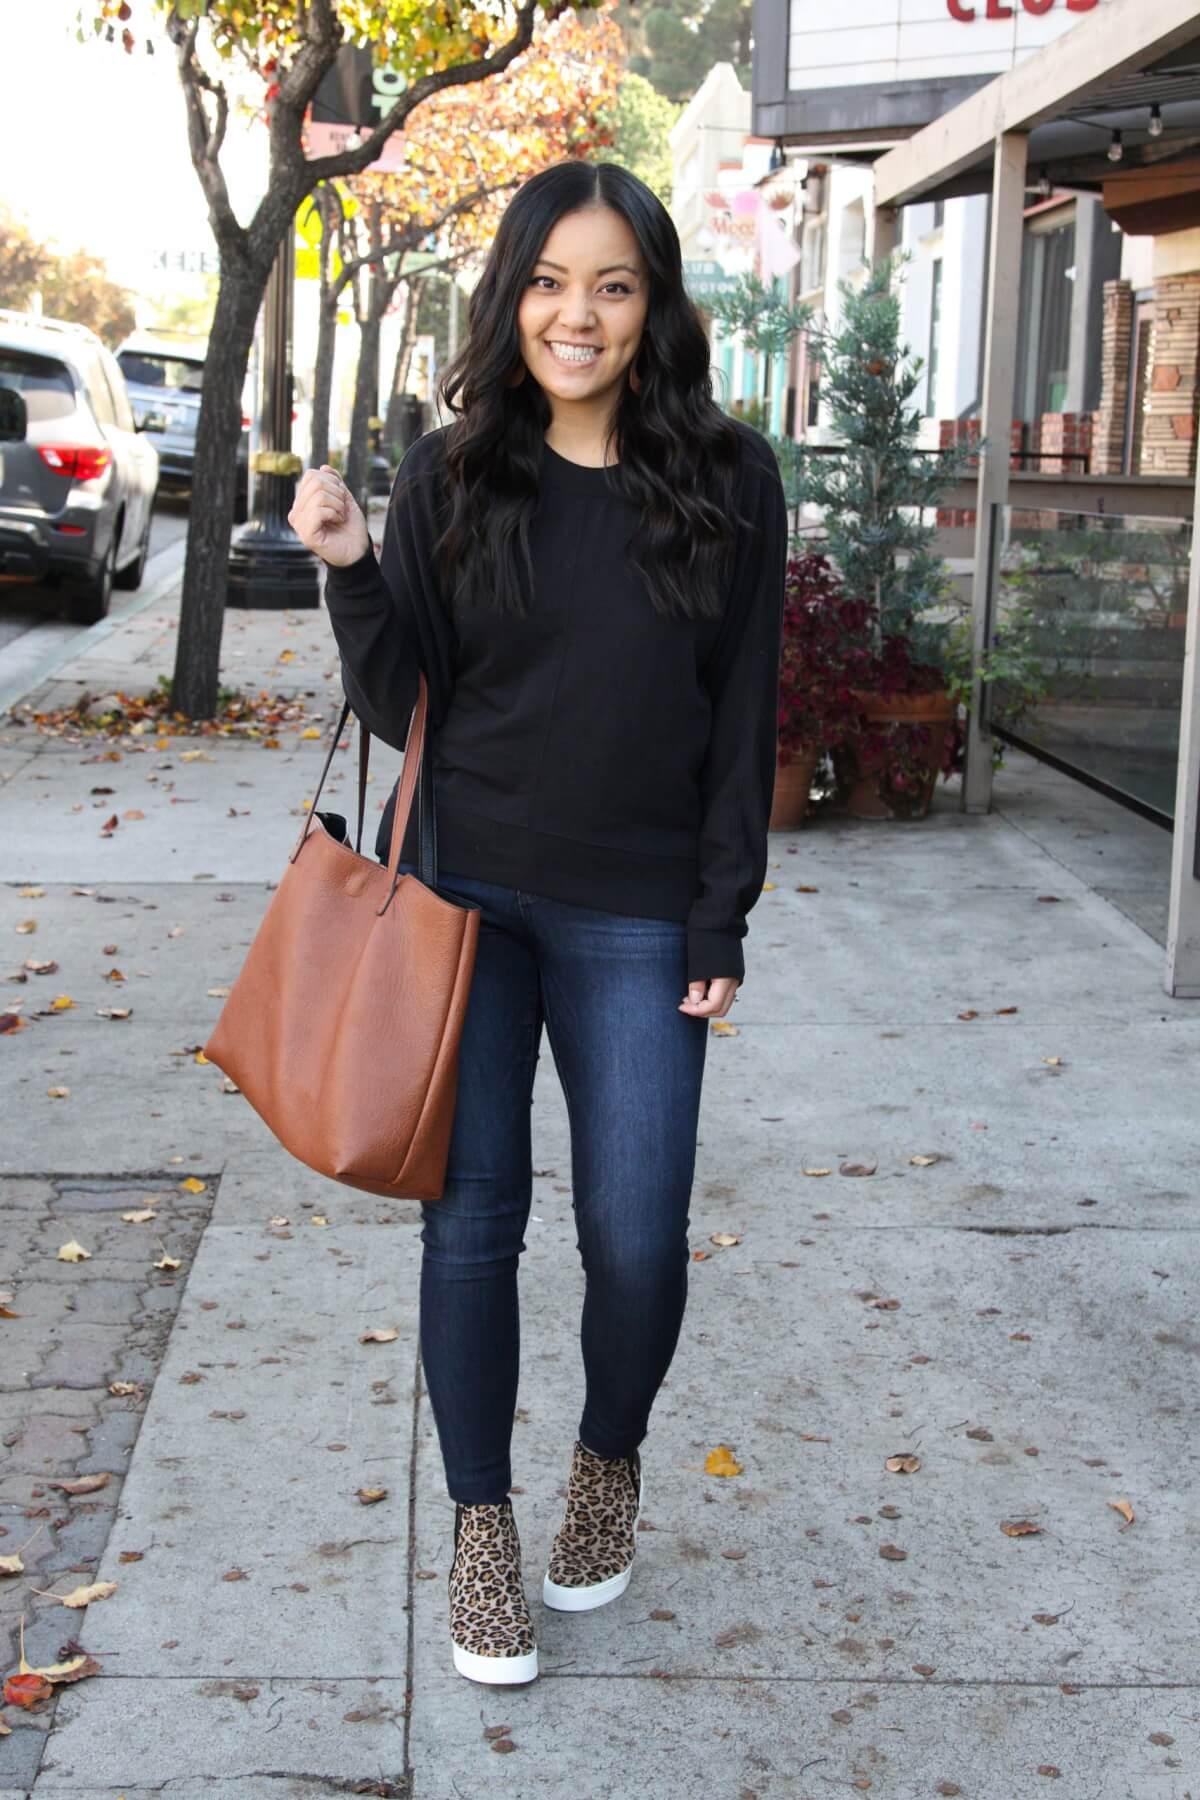 Casual Winter Outfit: black crewneck sweatshirt + skinny jeans + leopard print wedge sneakers + cognac tote + cognac leather earrings